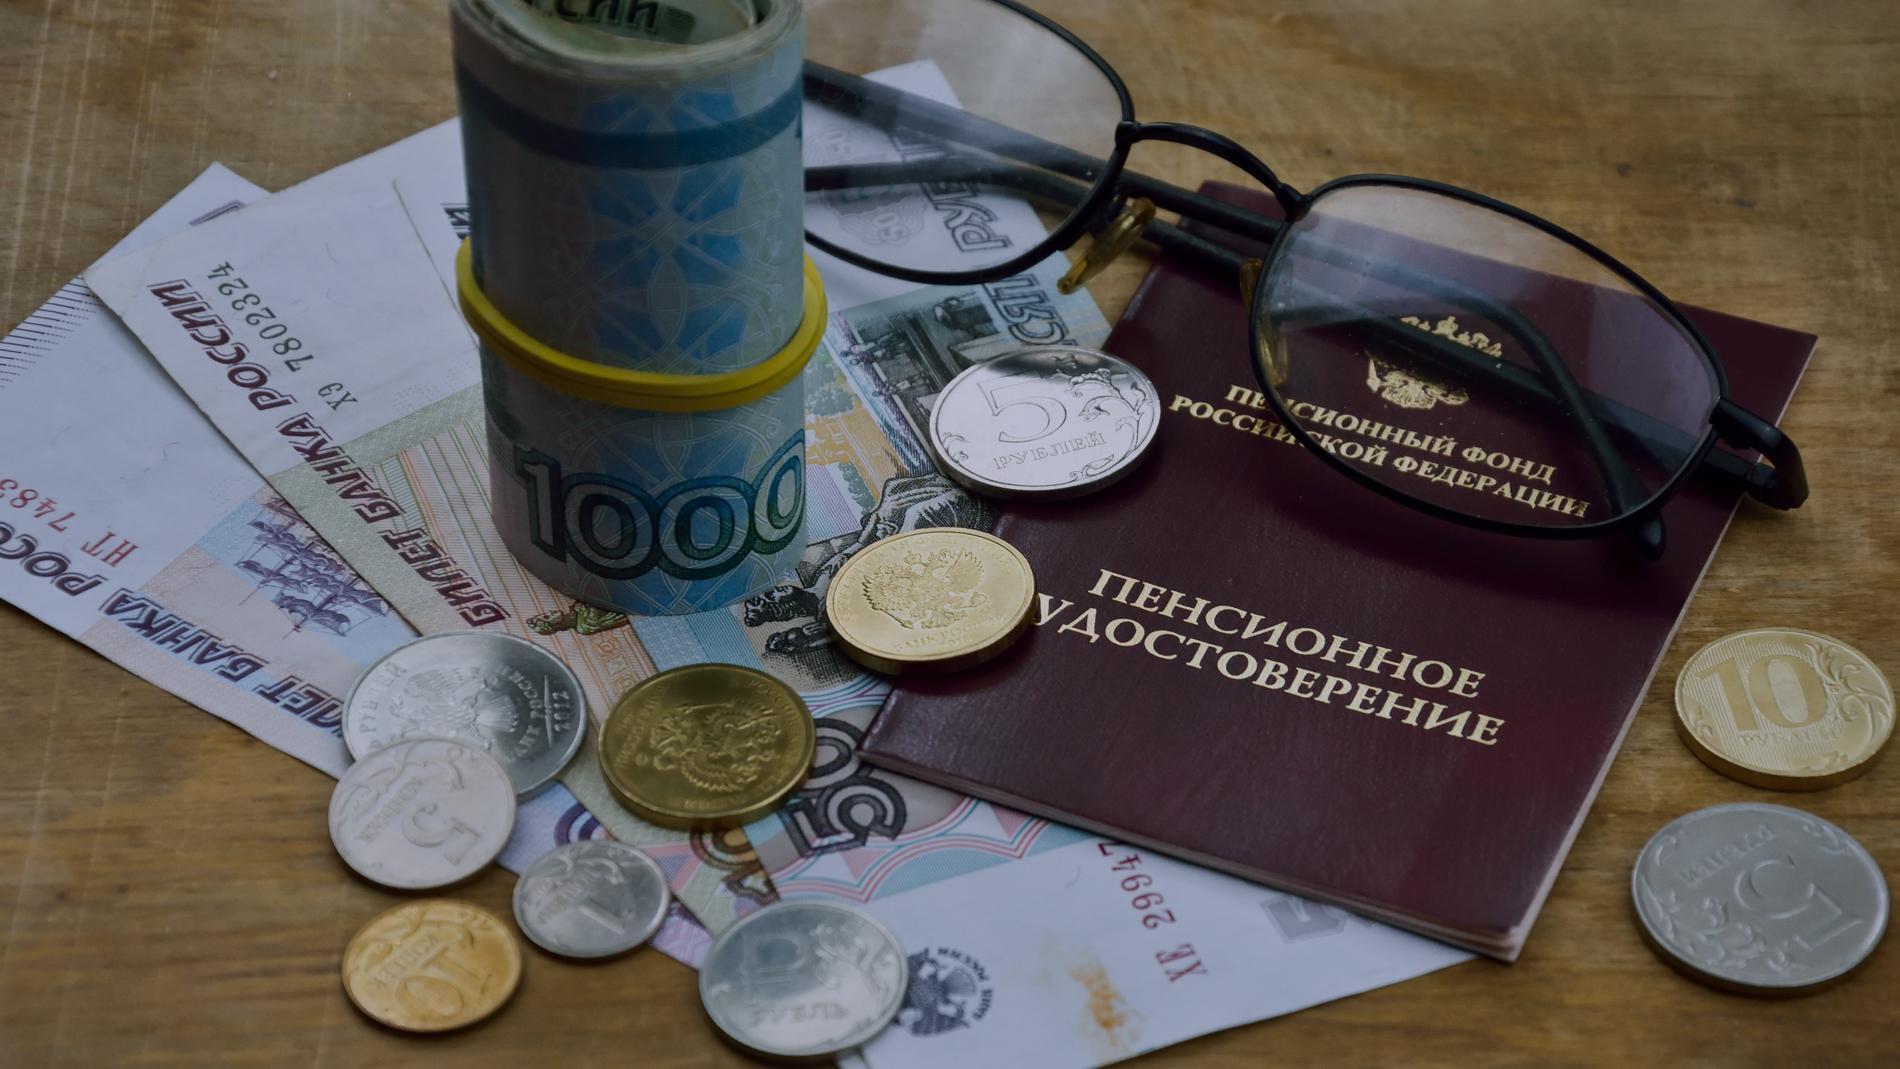 Как вернуть деньги за лекарства - советы адвоката! 1 | ГОЛОС МОСКВЫ